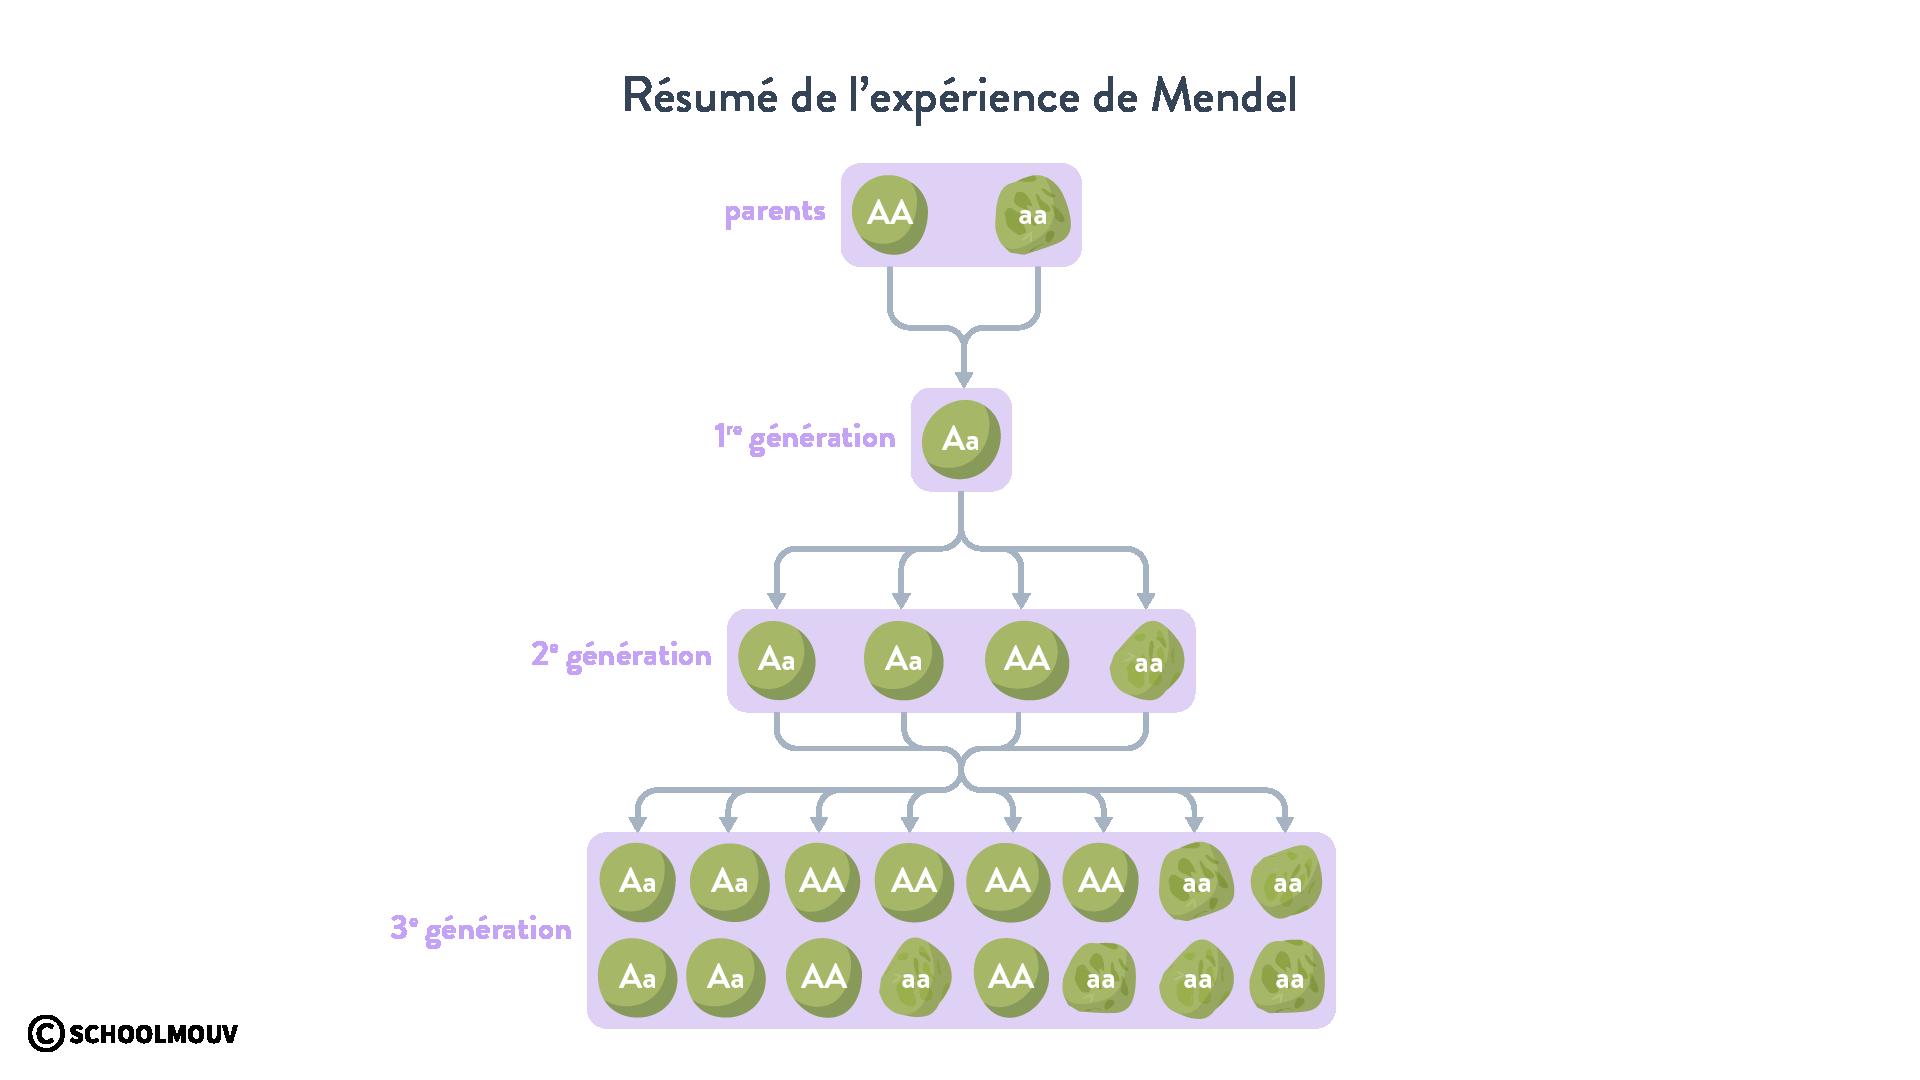 Résumé de l'expérience de Mendel